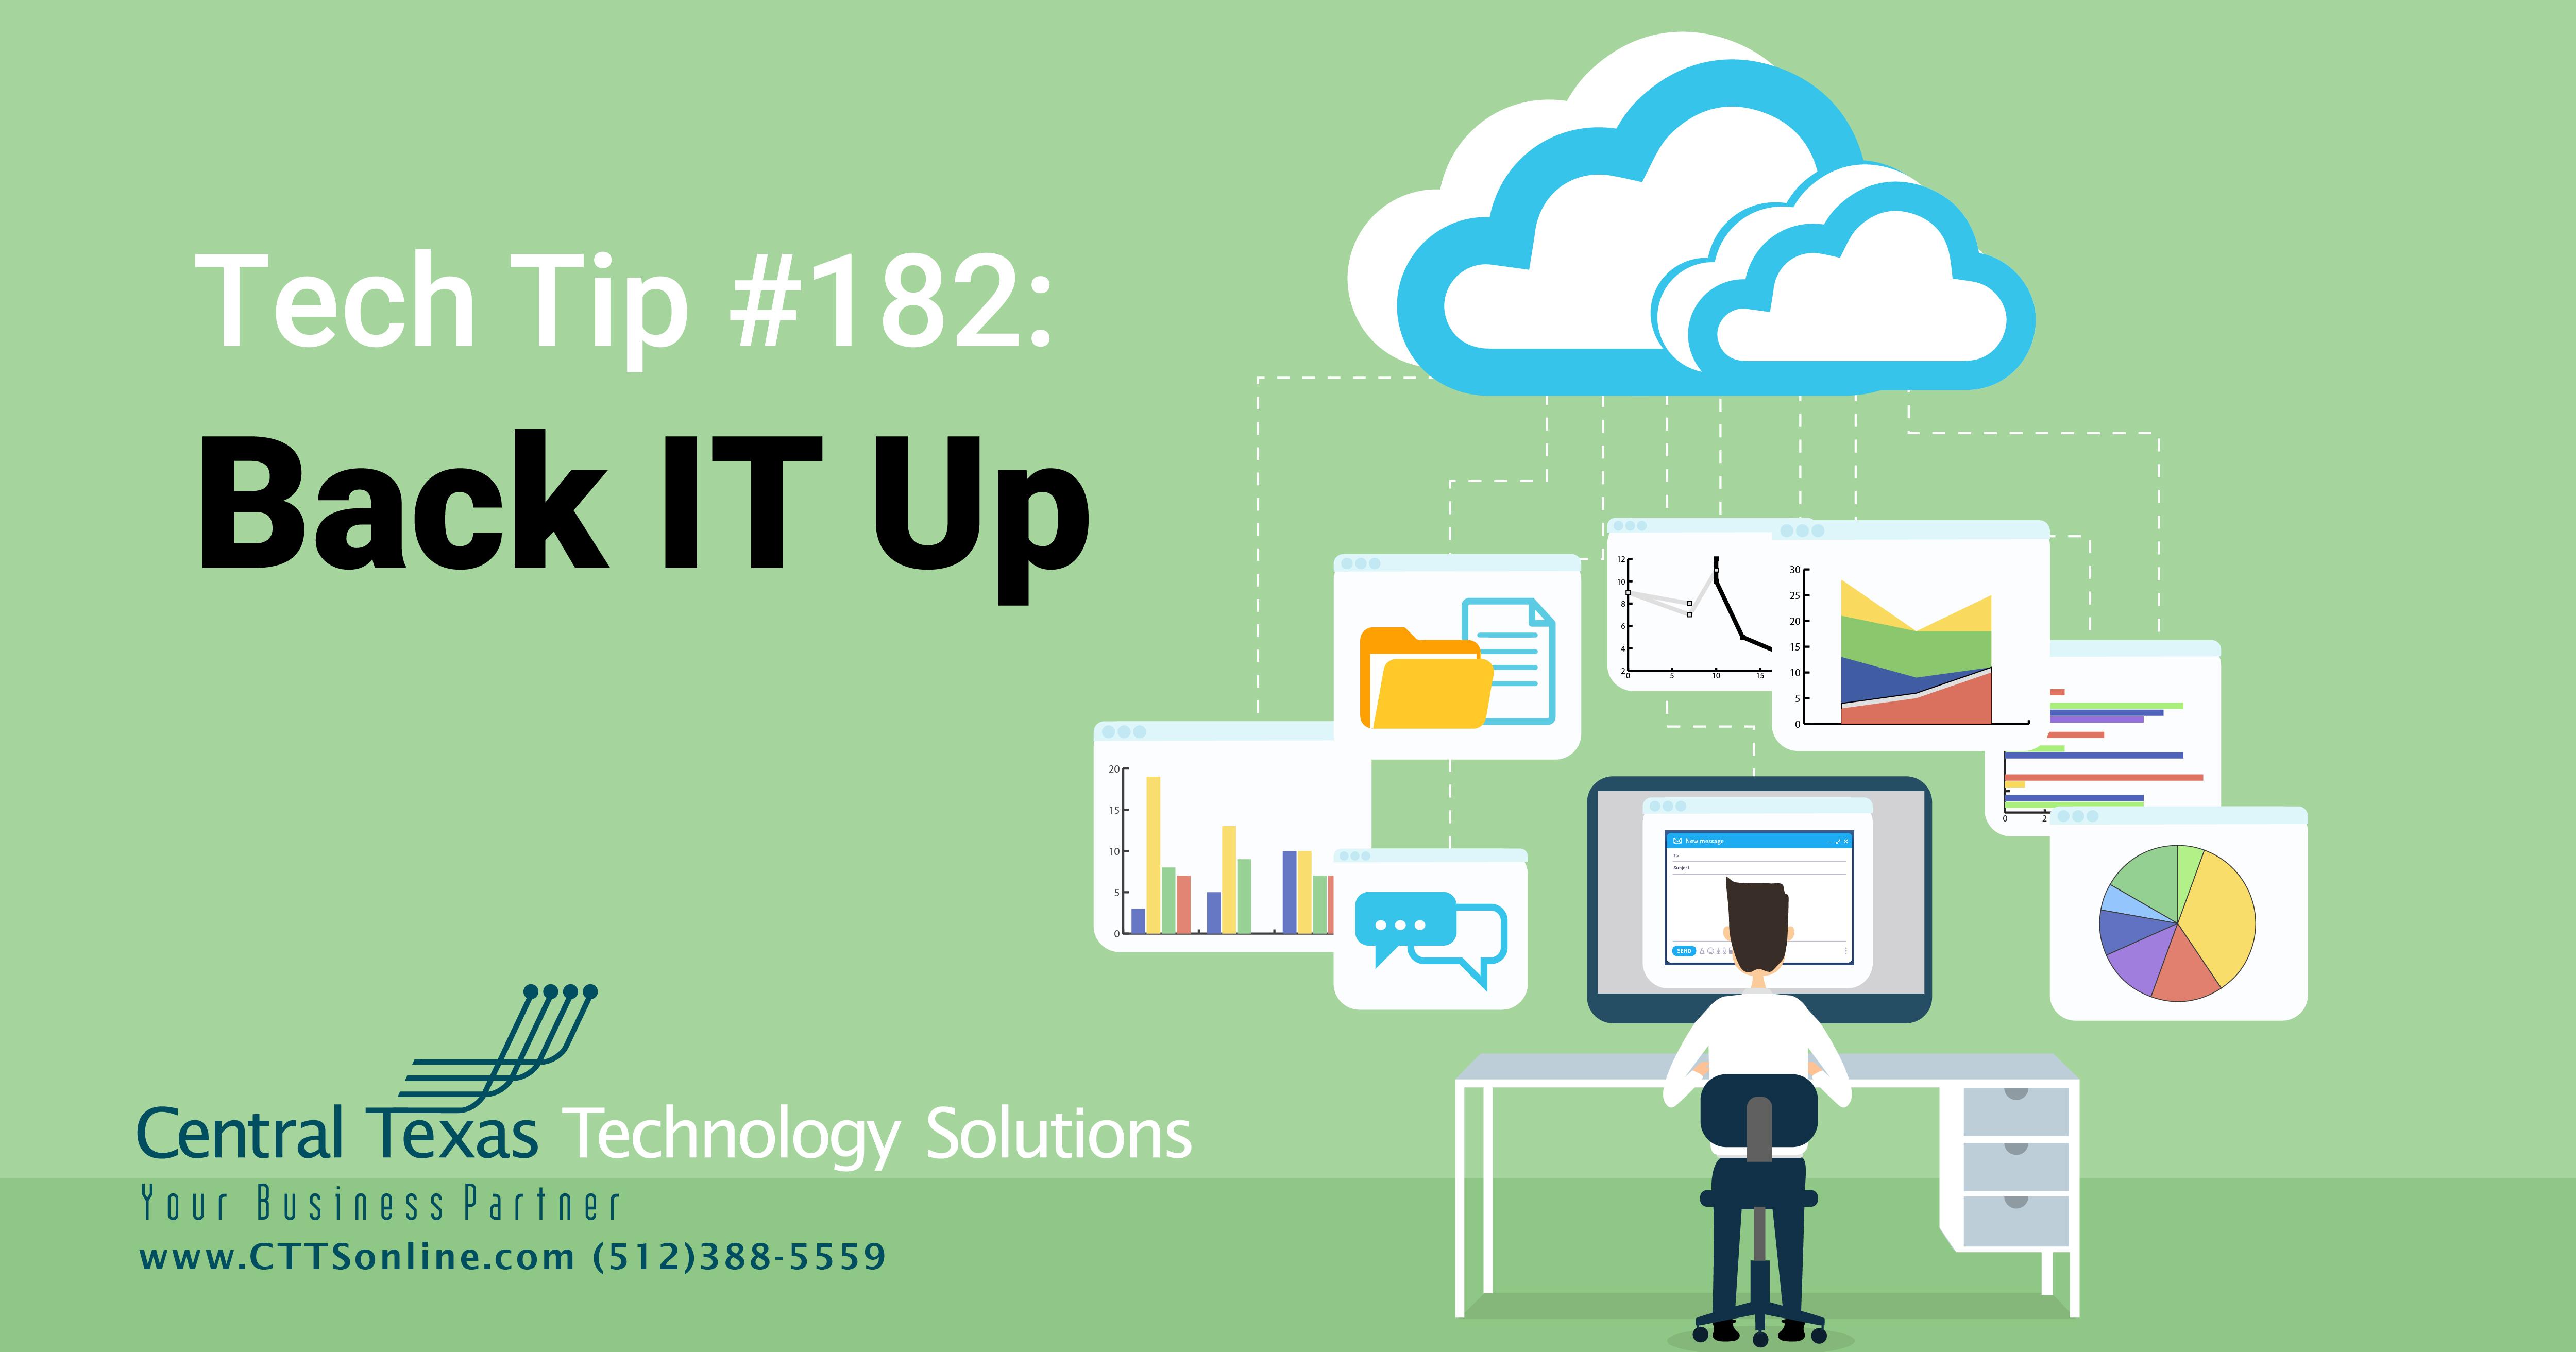 back up technology